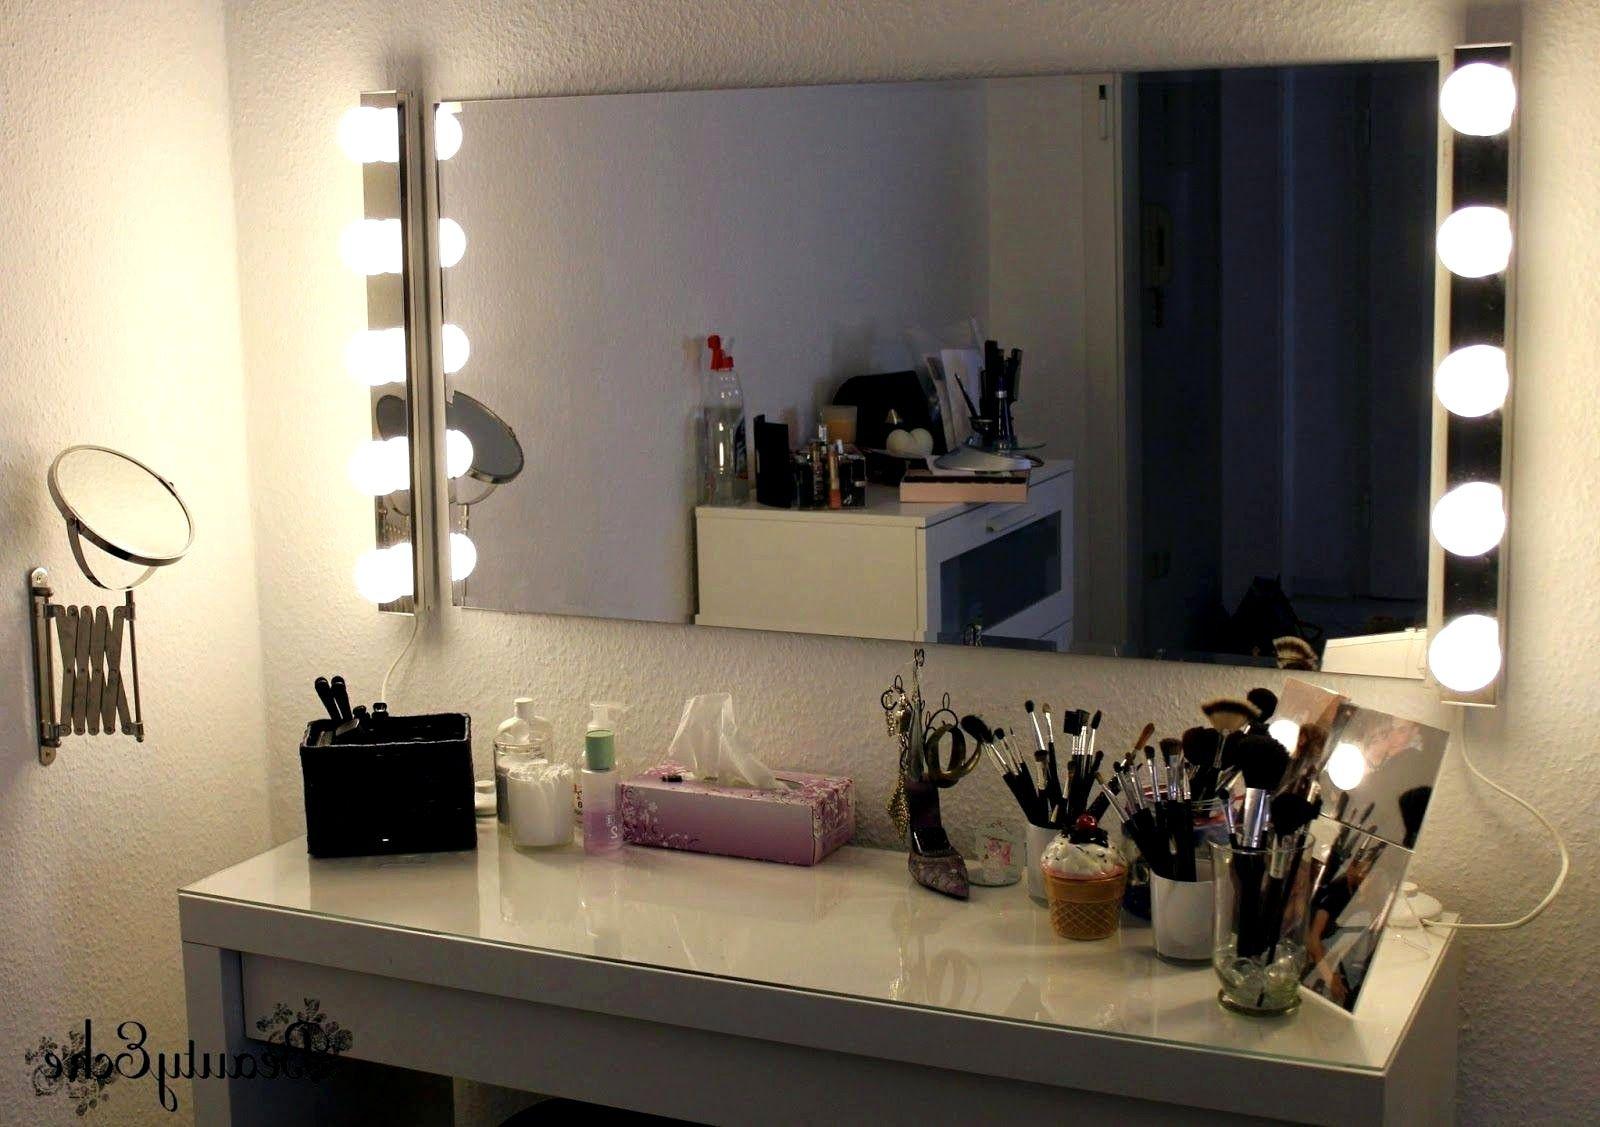 Ikea schminktisch lampen | Schminktisch beleuchtung